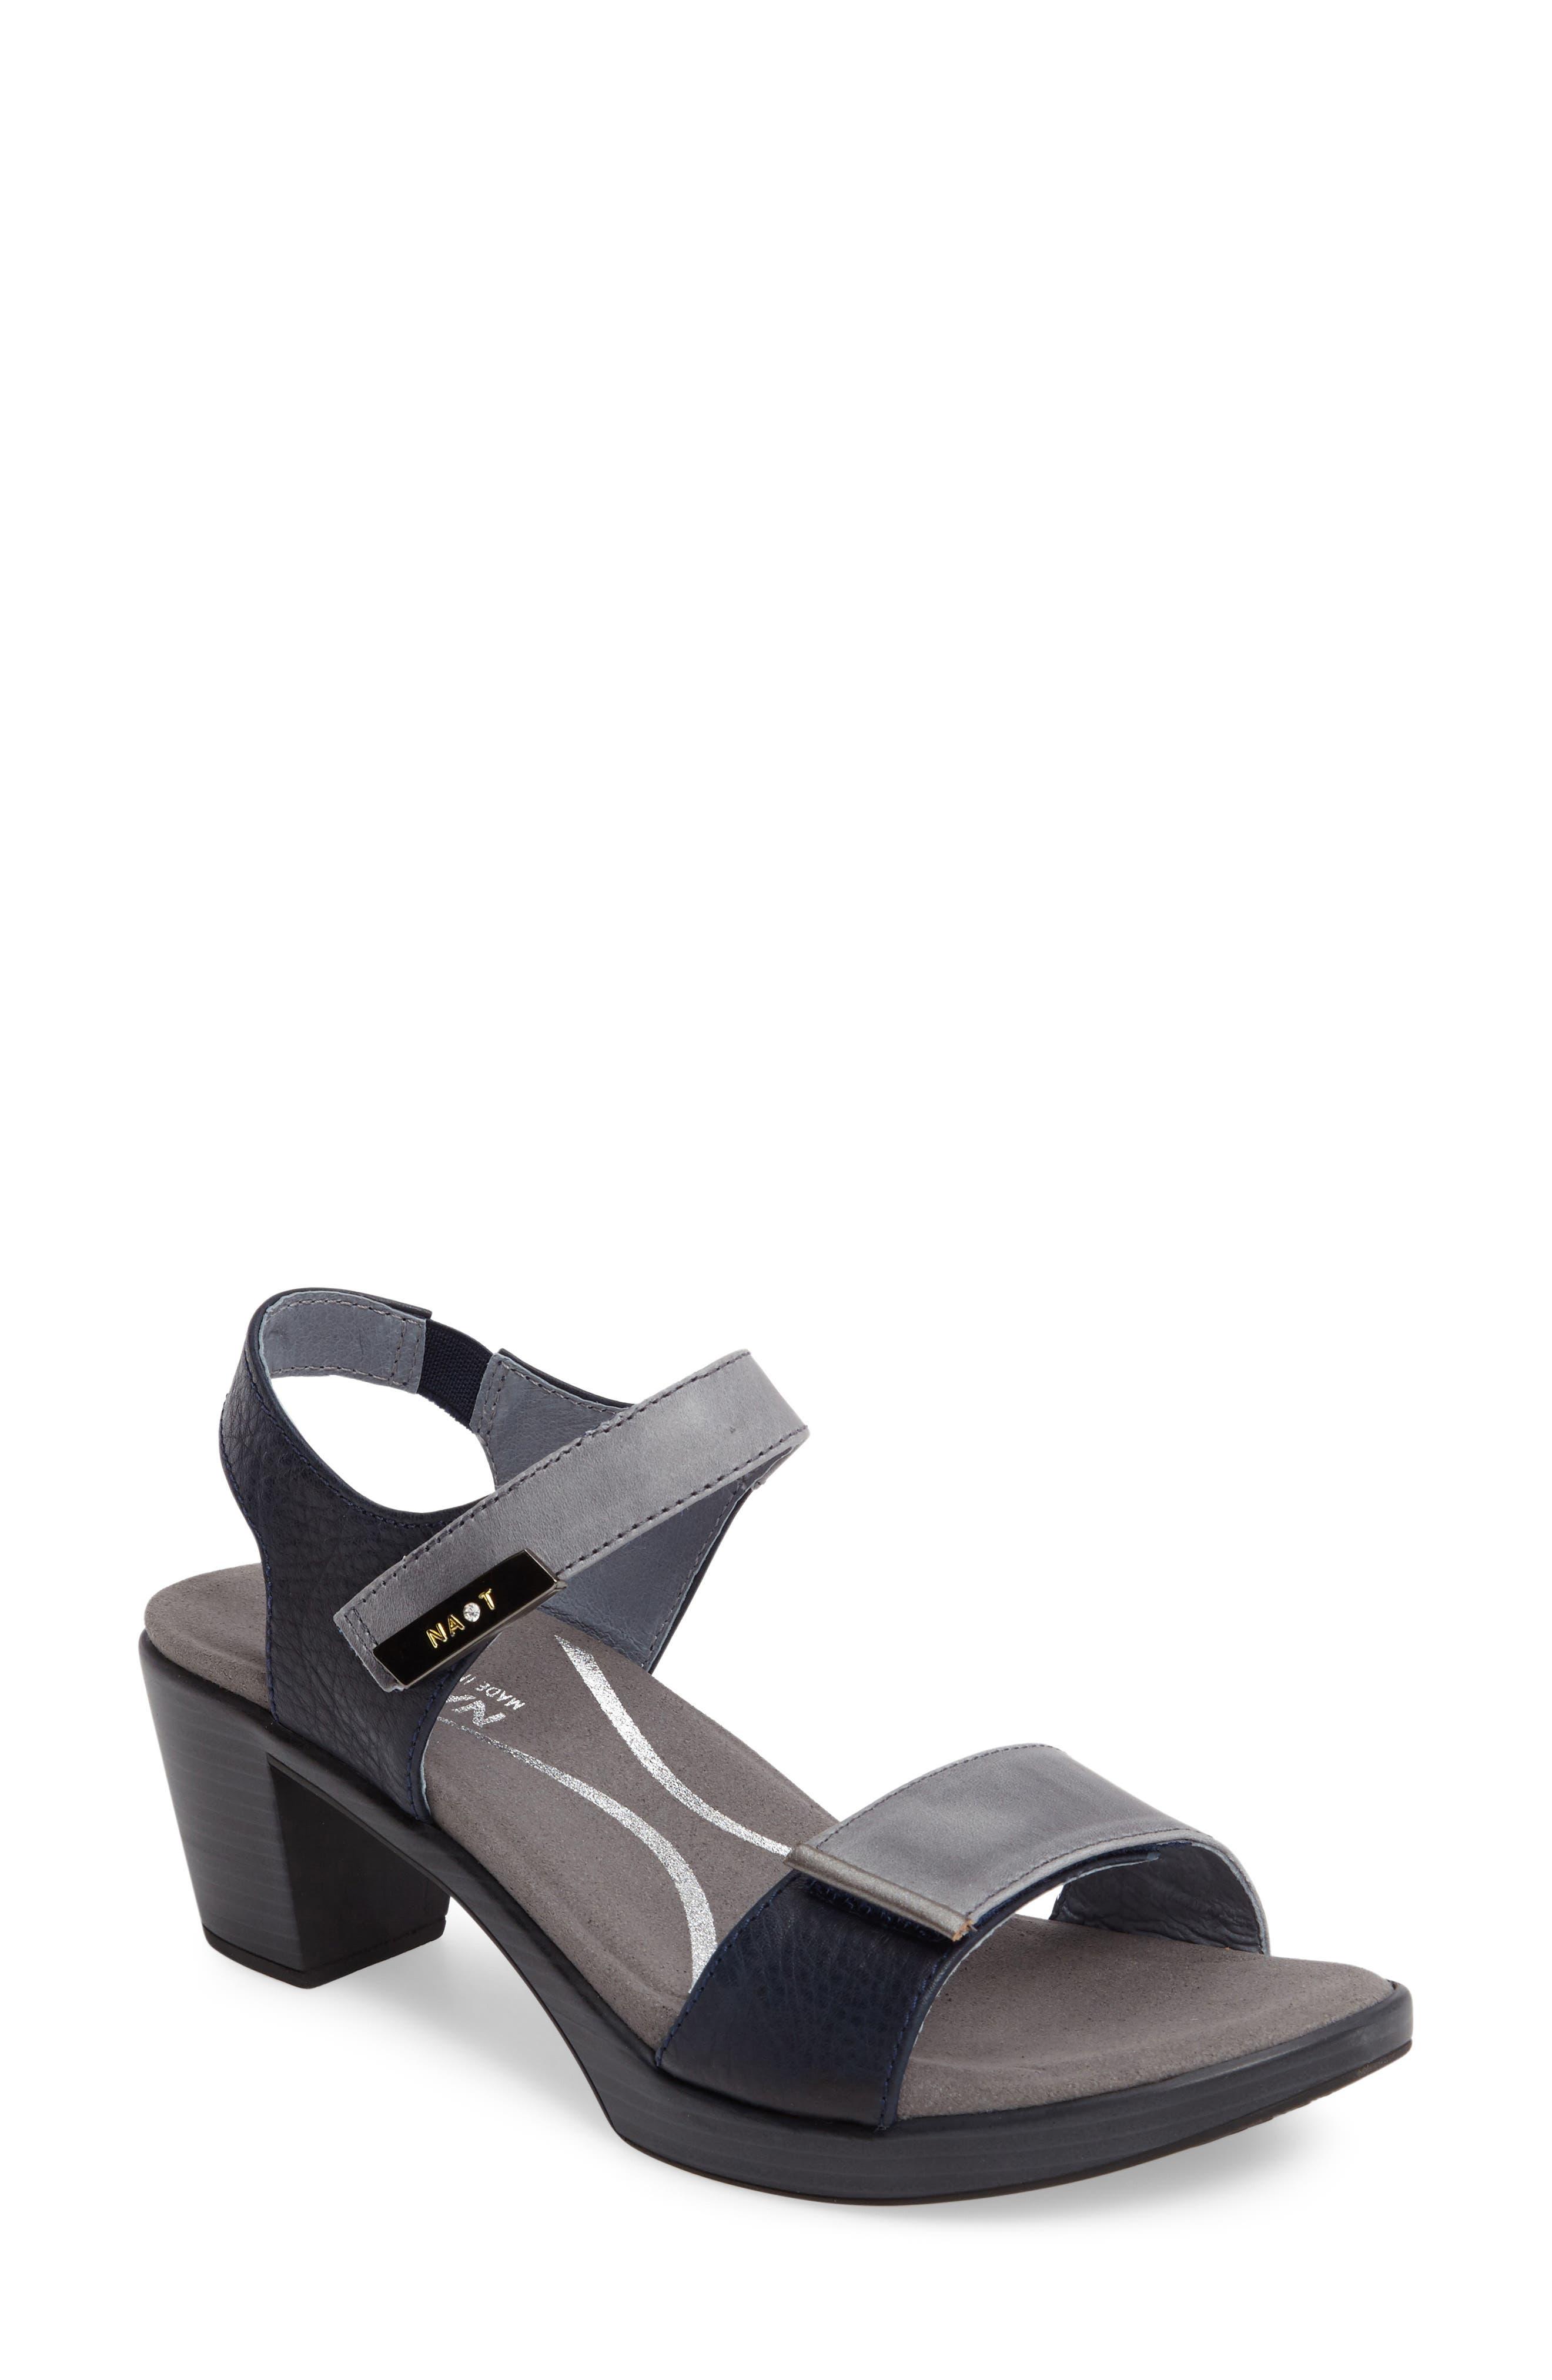 NAOT Intact Sandal